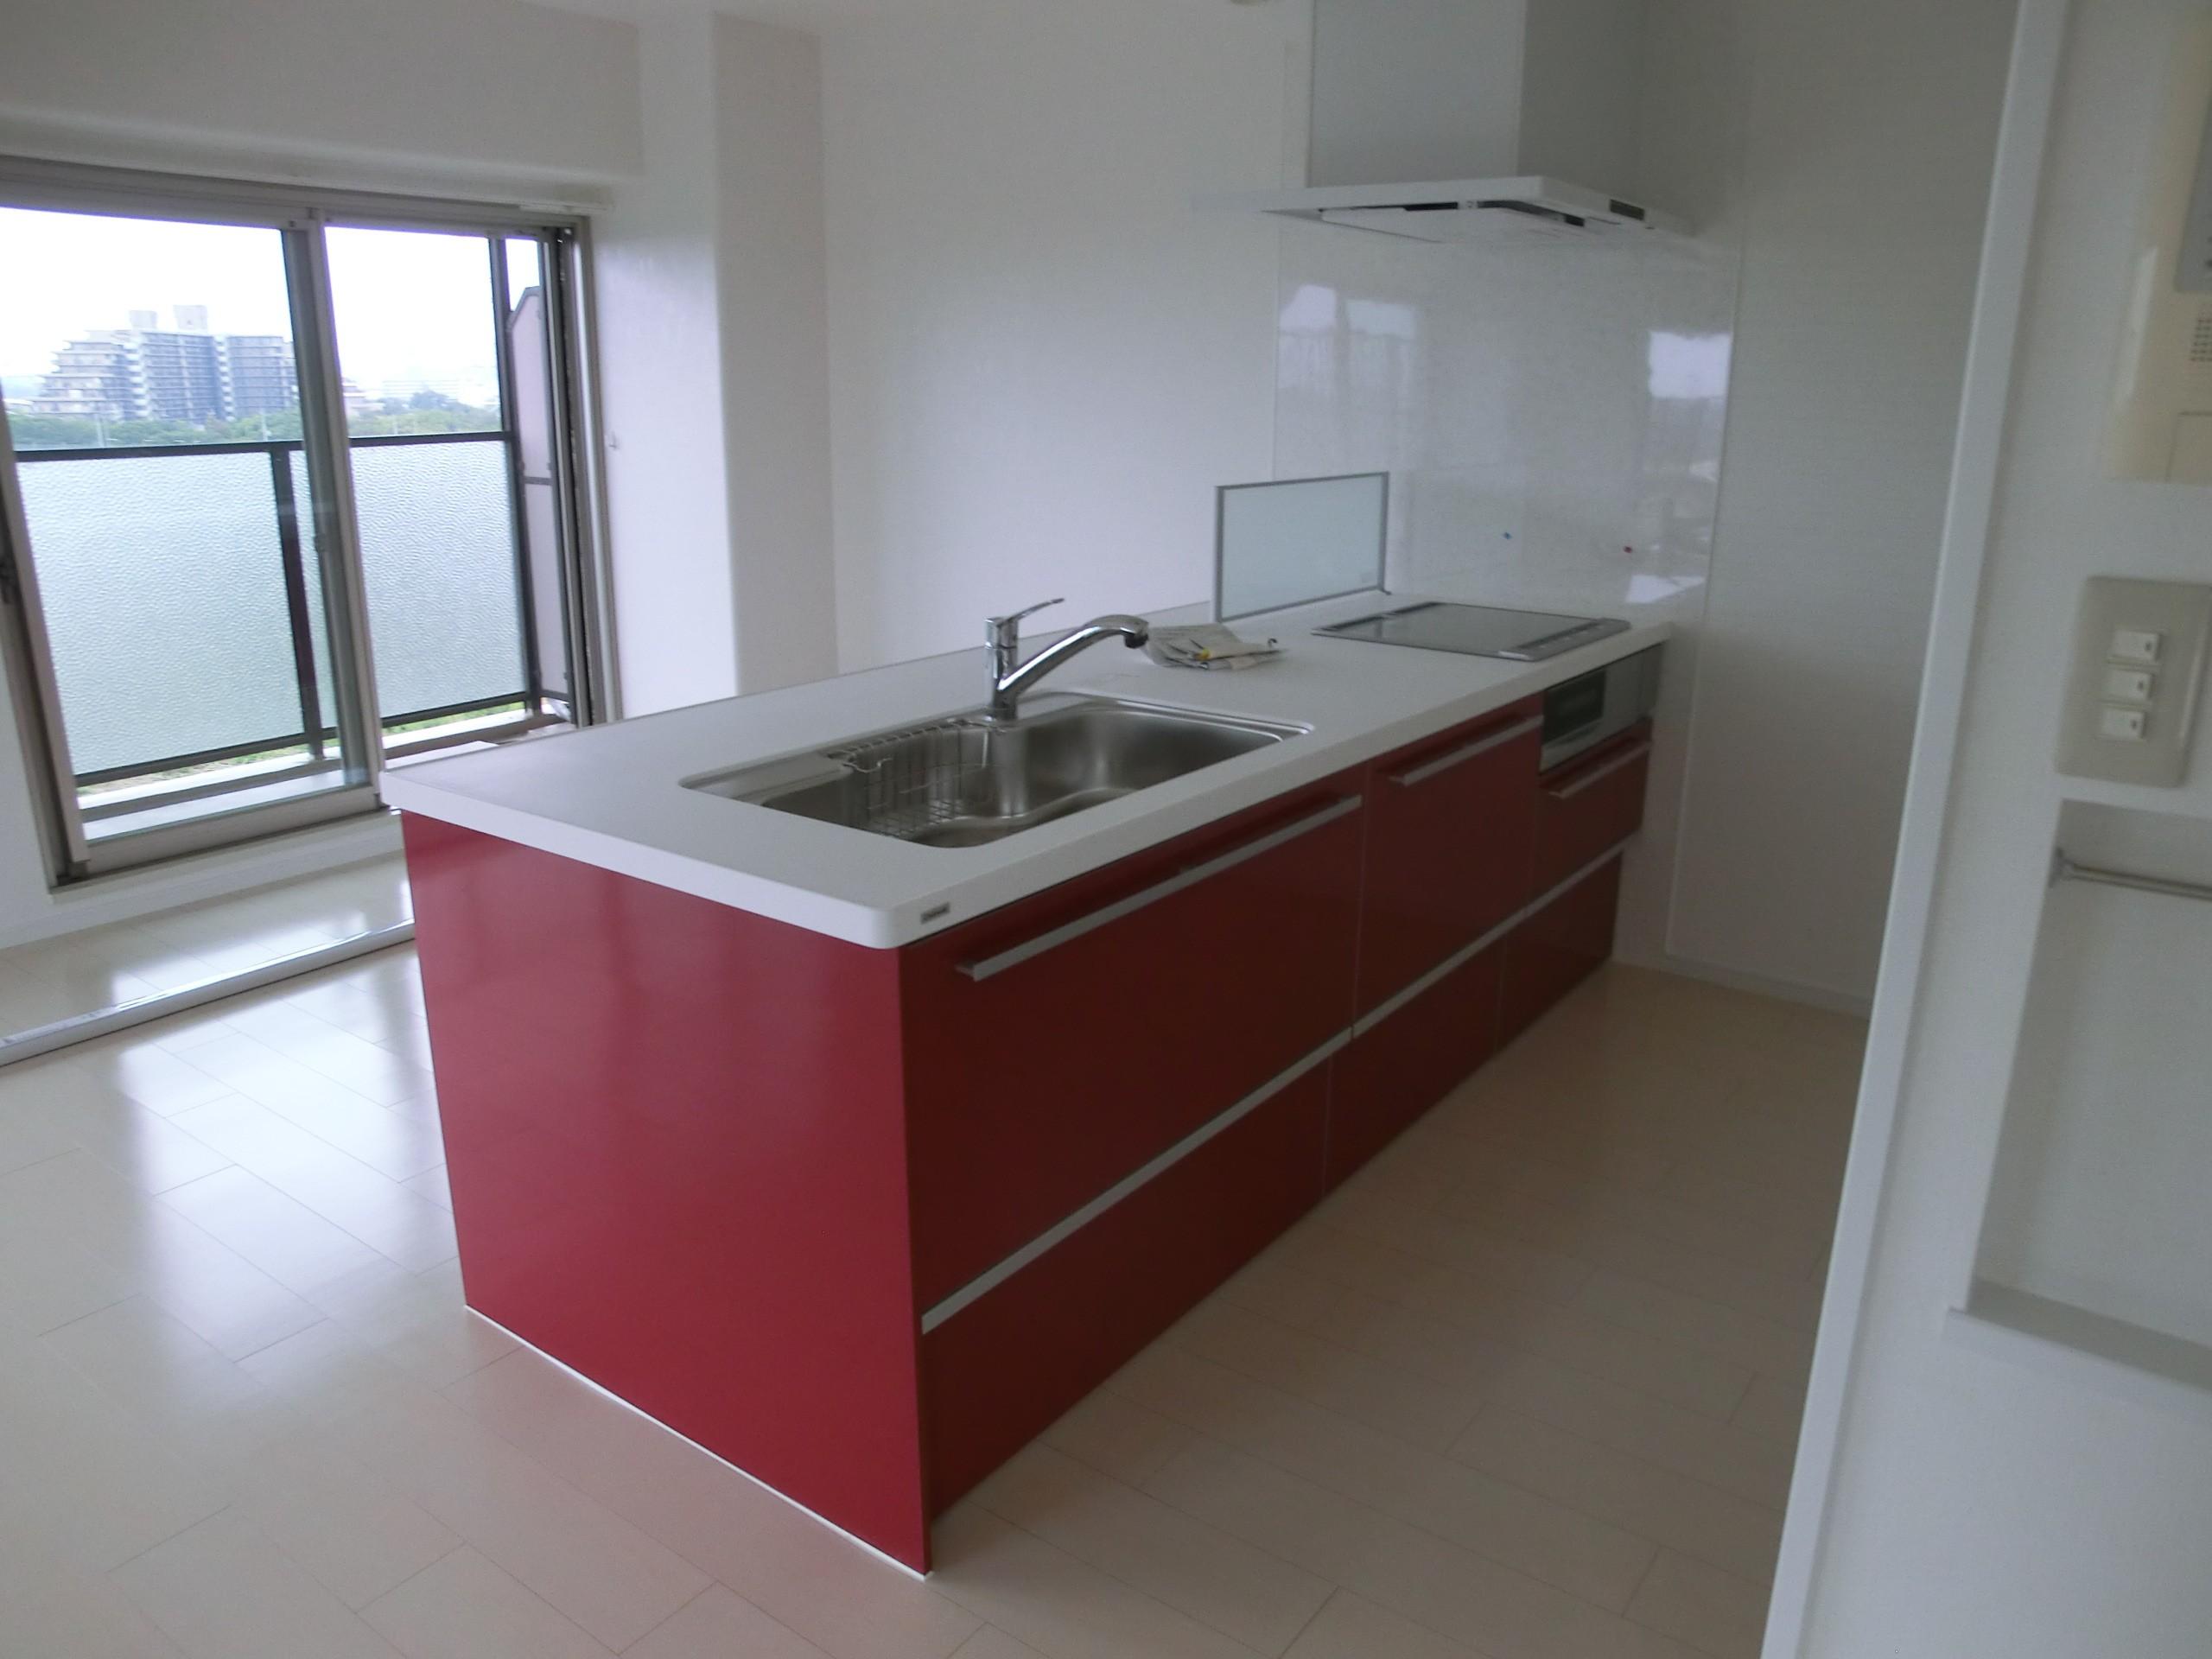 キッチン事例:キッチン側から(ビビットなカラーのキッチンが中心のマンションリフォーム)